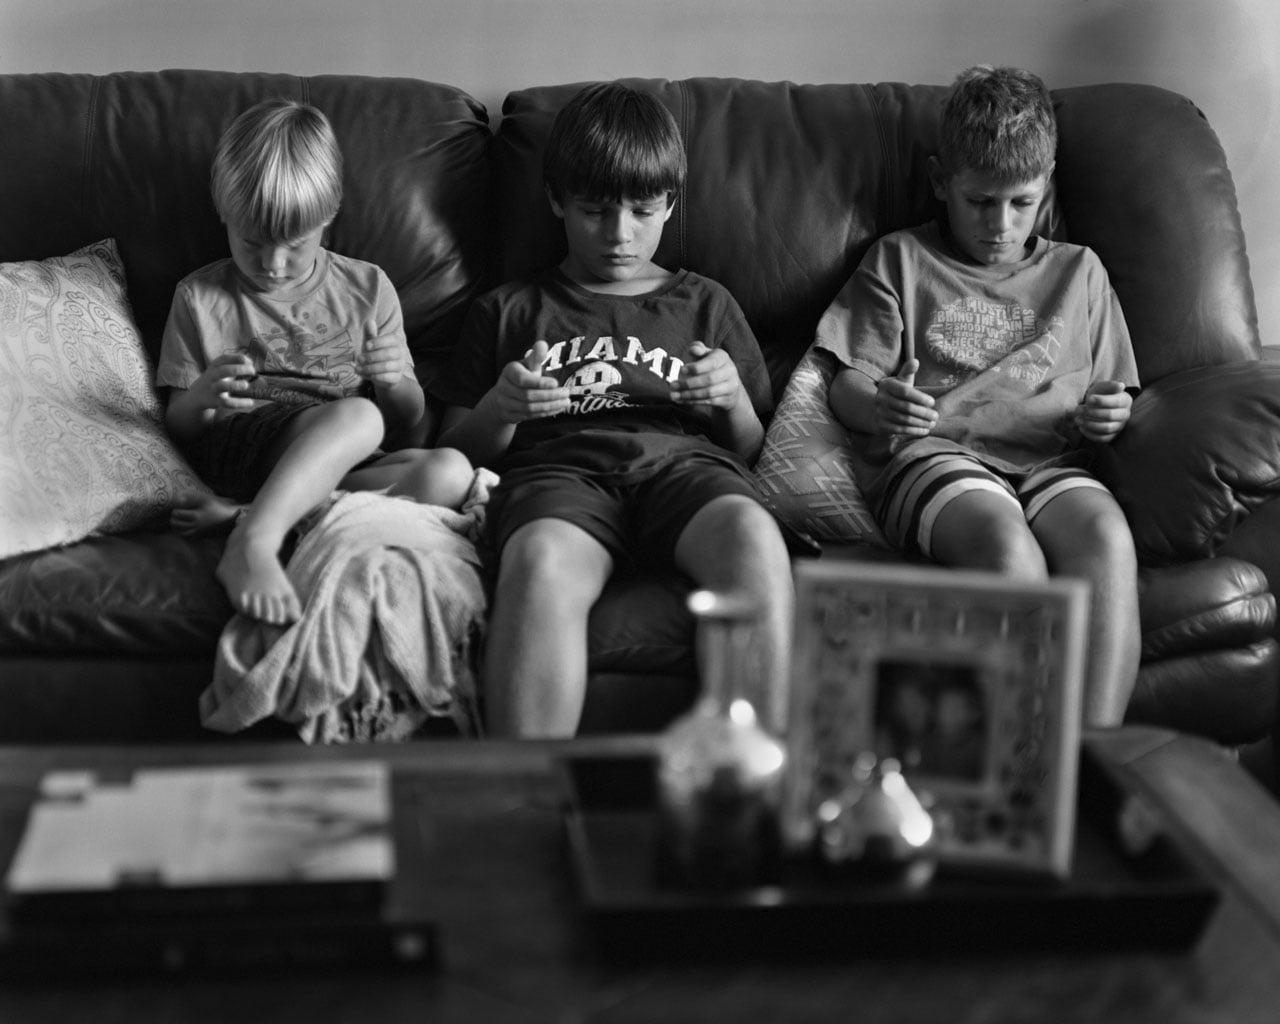 grant Un photographe enlève les smartphones sur ses photos